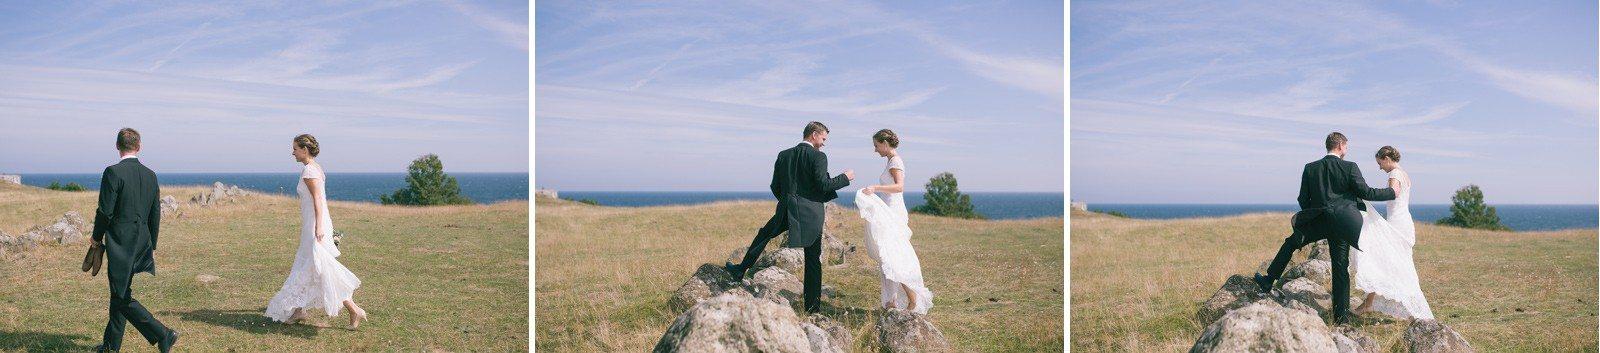 gotland sweden wedding